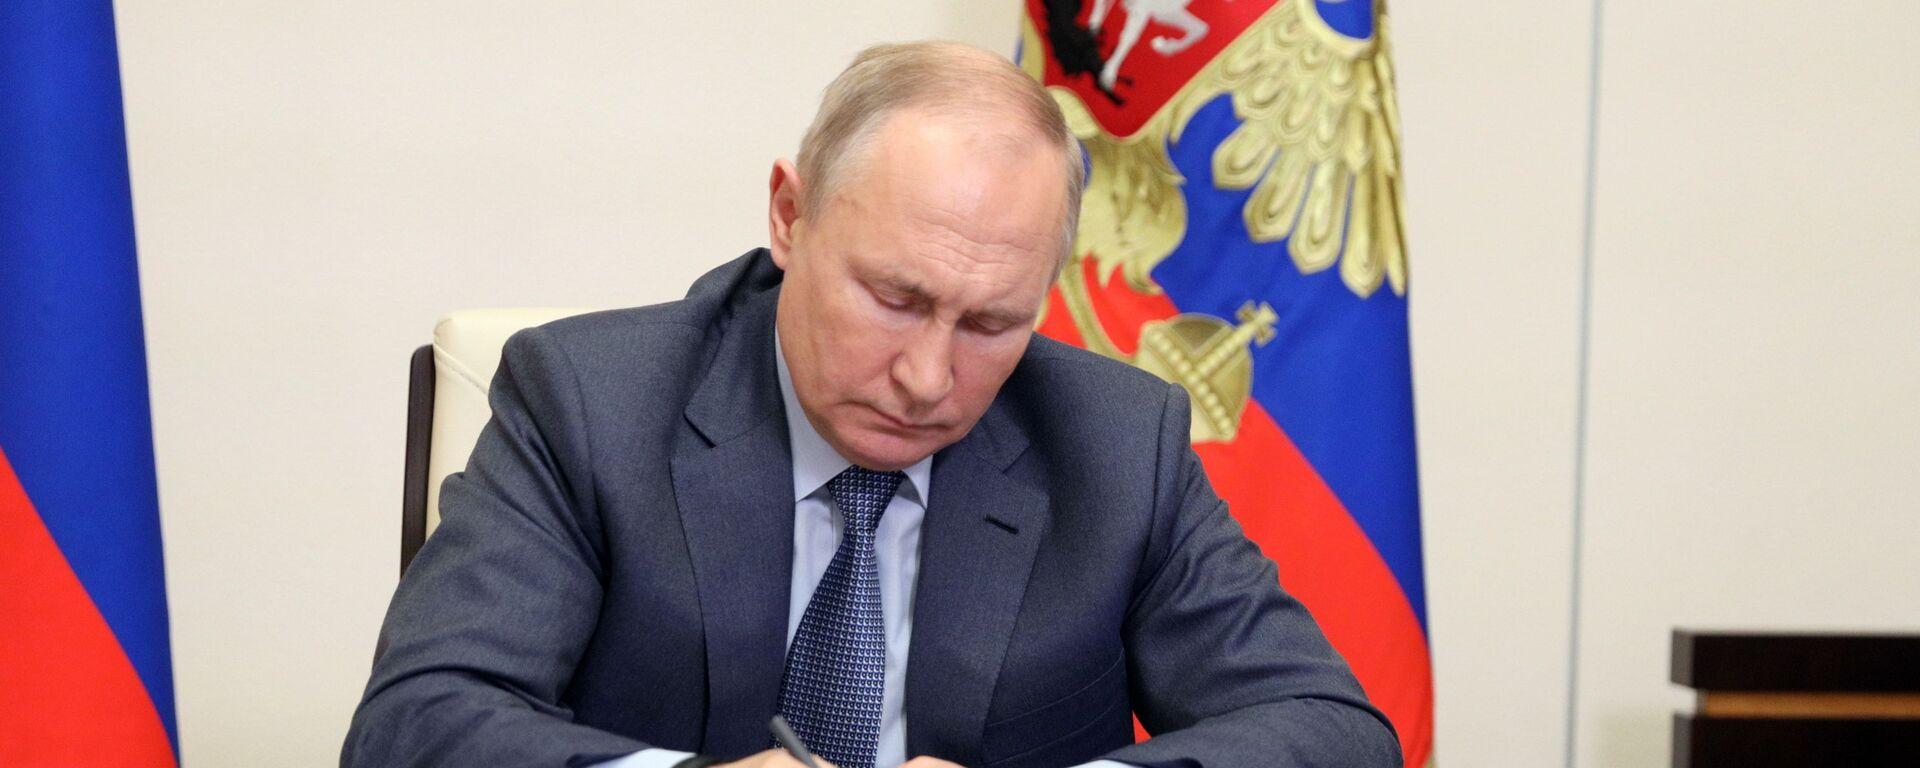 Prezydent Rosji Władimir Putin podczas wideokonferencji z członkami rosyjskiego rządu - Sputnik Polska, 1920, 22.06.2021